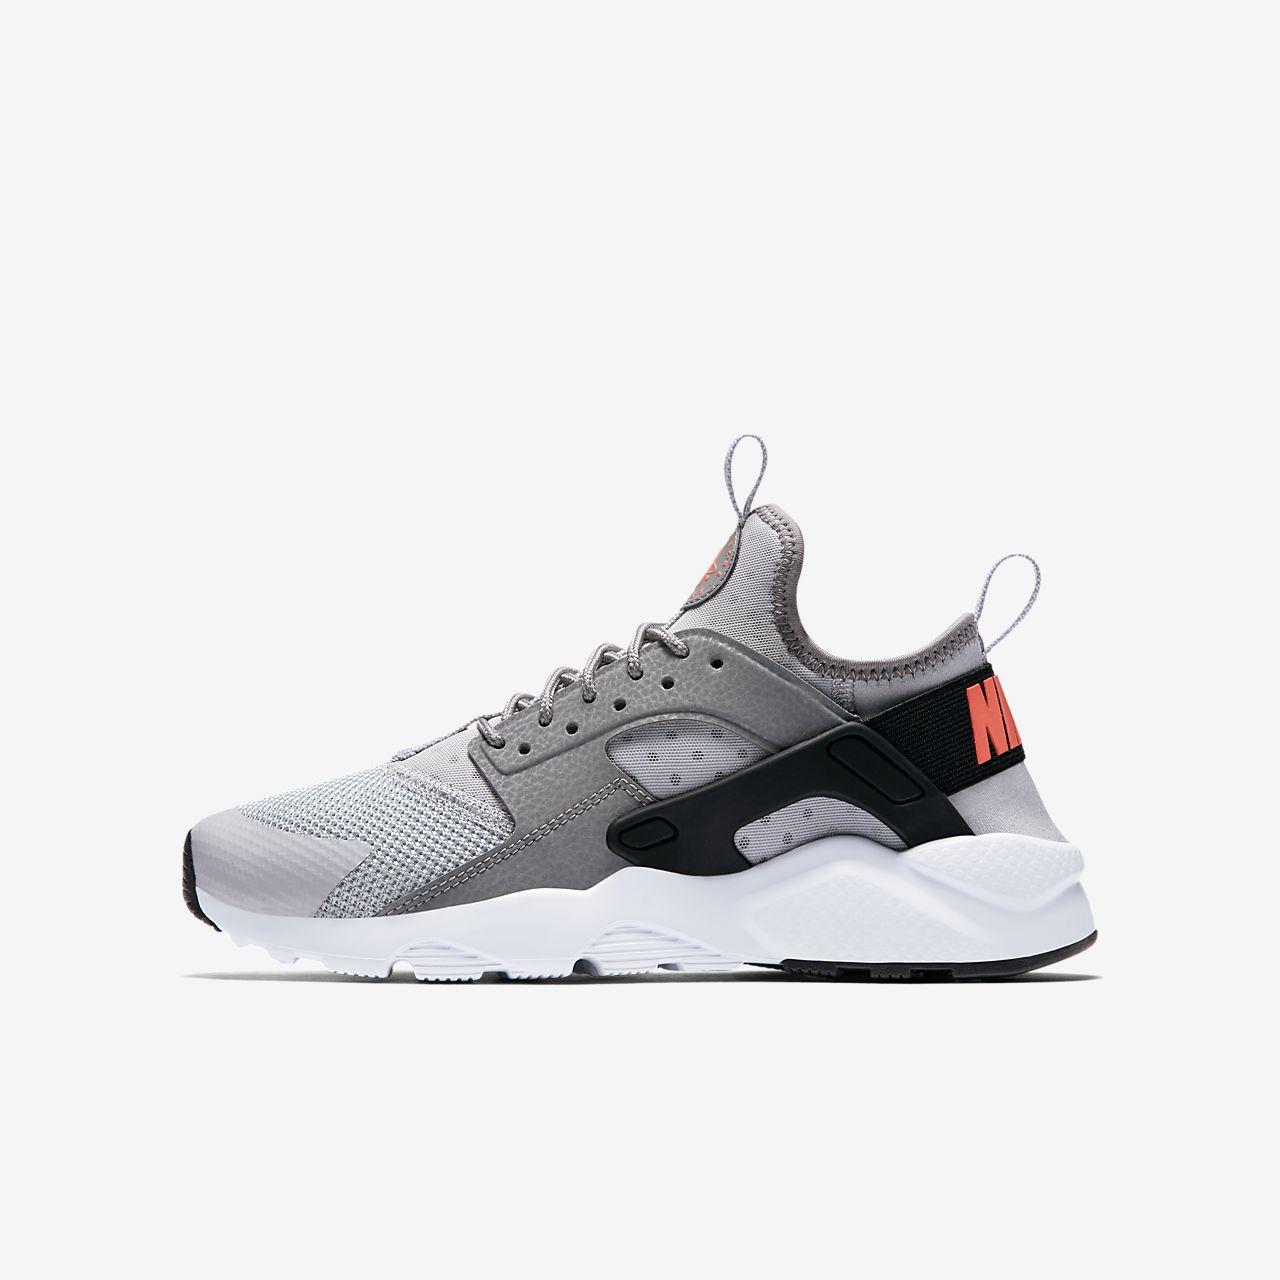 Nike Air Noir Et Blanc Huarache Chaussures De Sport Ultra Pour Les Enfants obtenir magasin pas cher sortie grand escompte 3jOUmd4RO